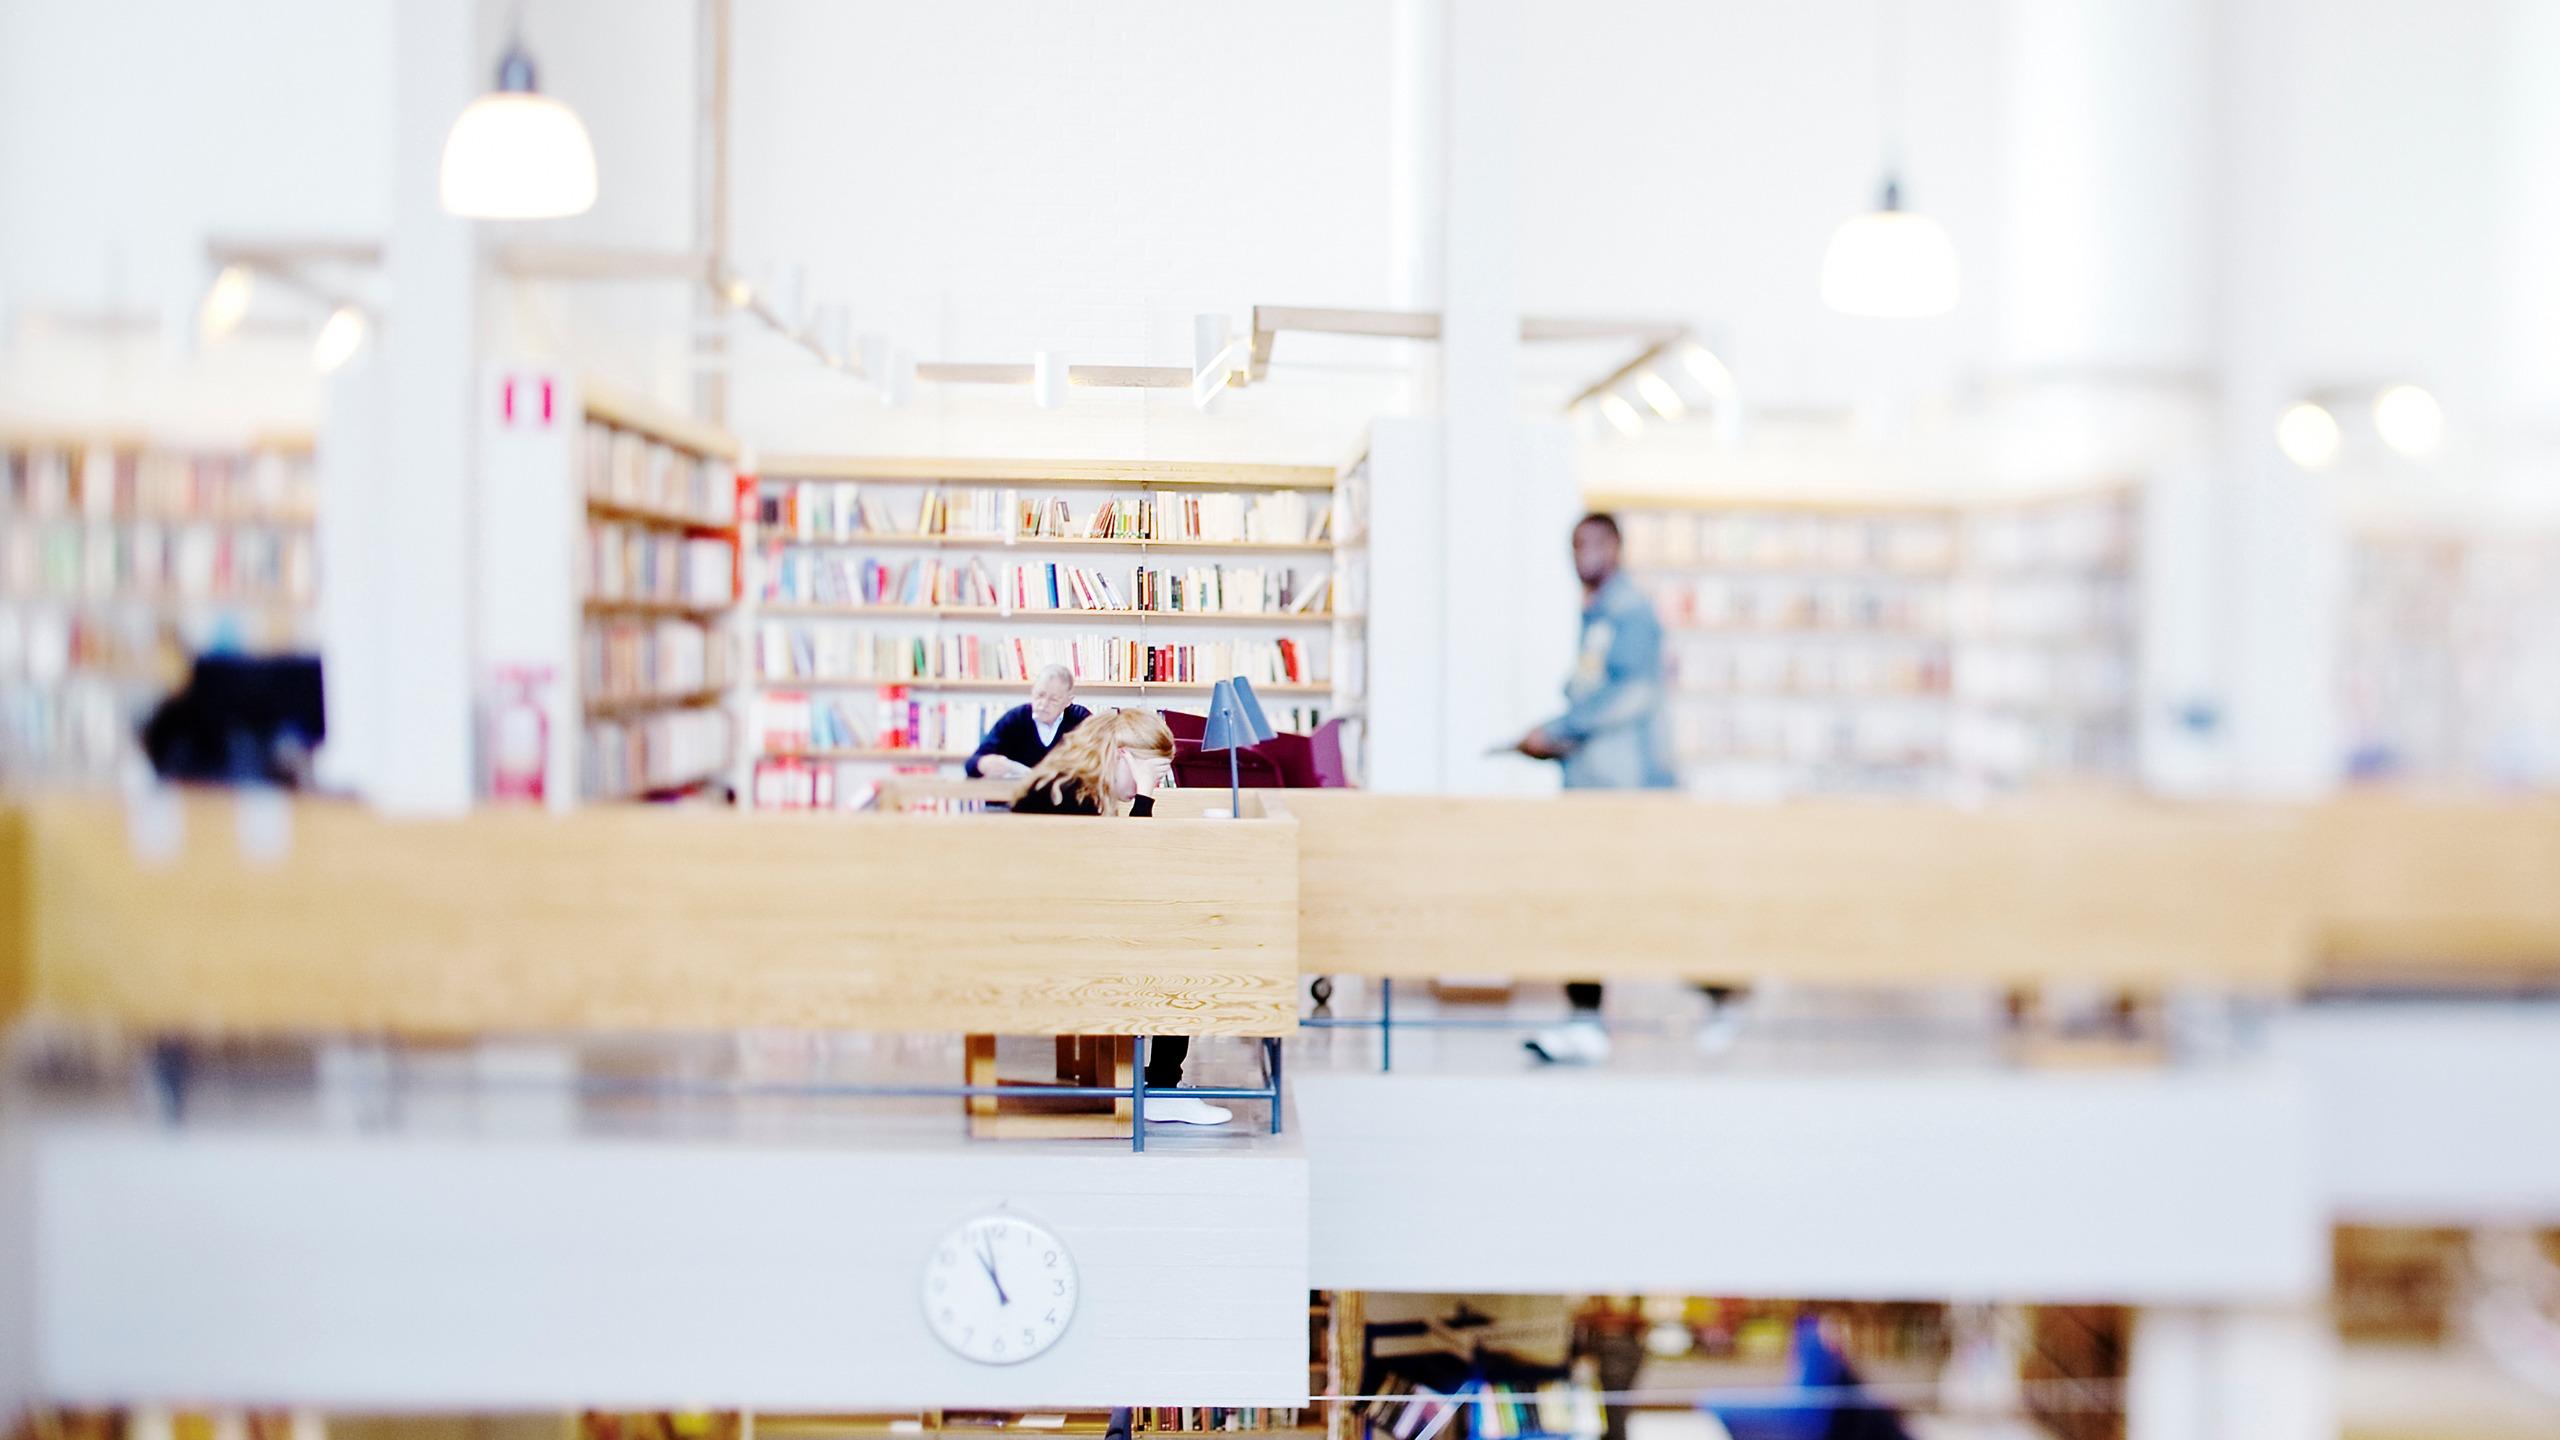 Personer läser böcker på stadsbibliotekets övre plan